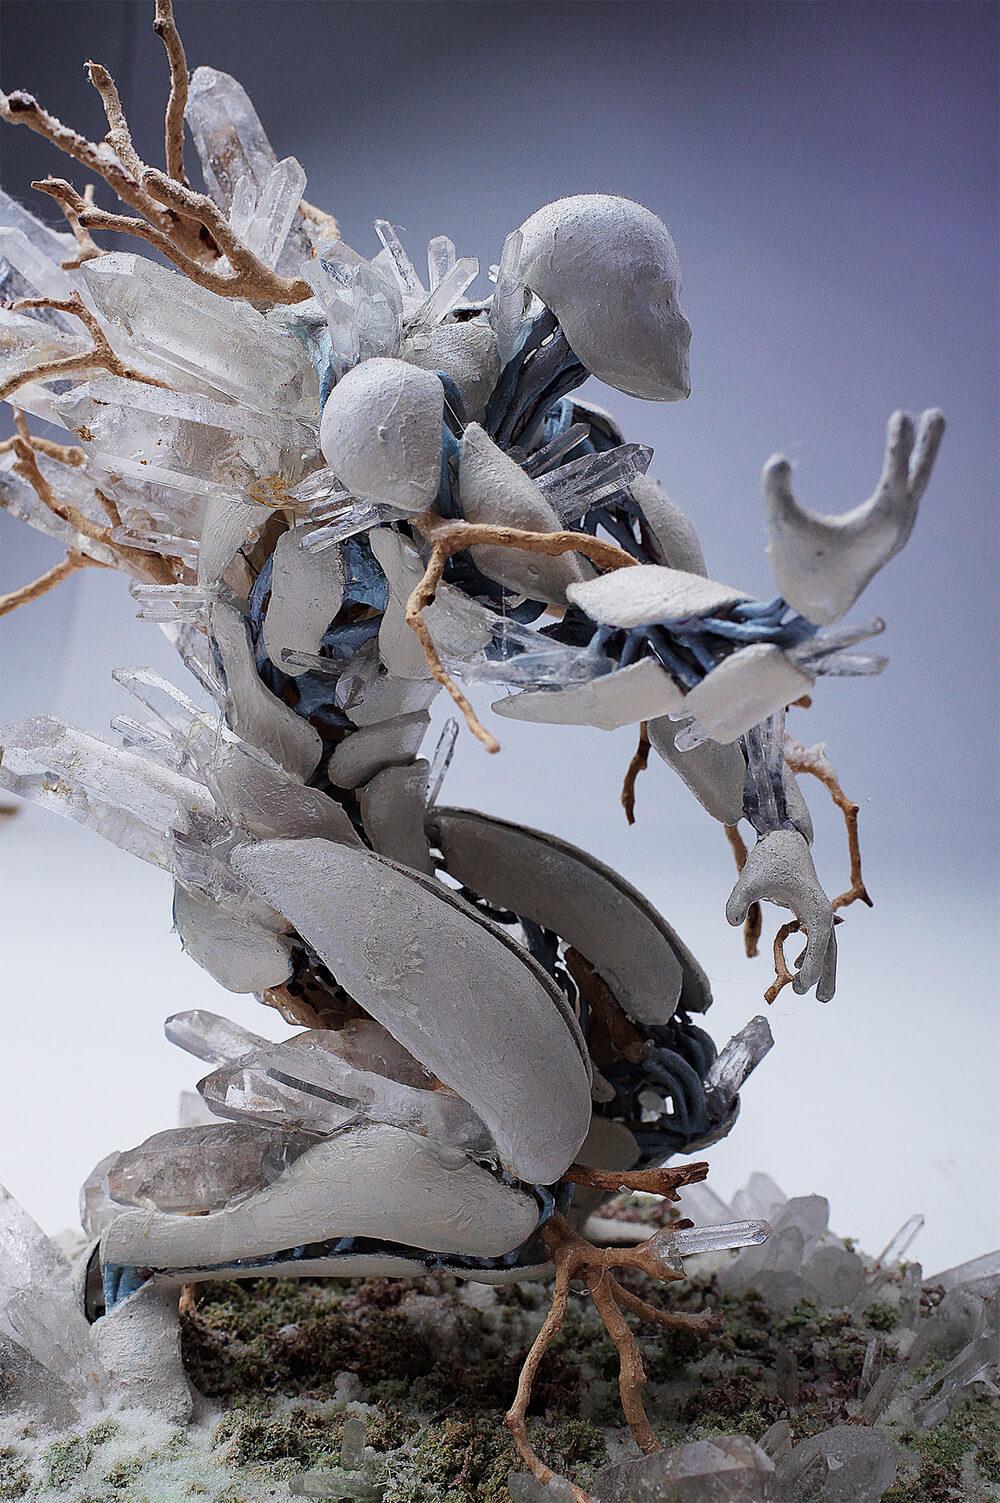 assemblage sculpture garret kaneart 7 (1)